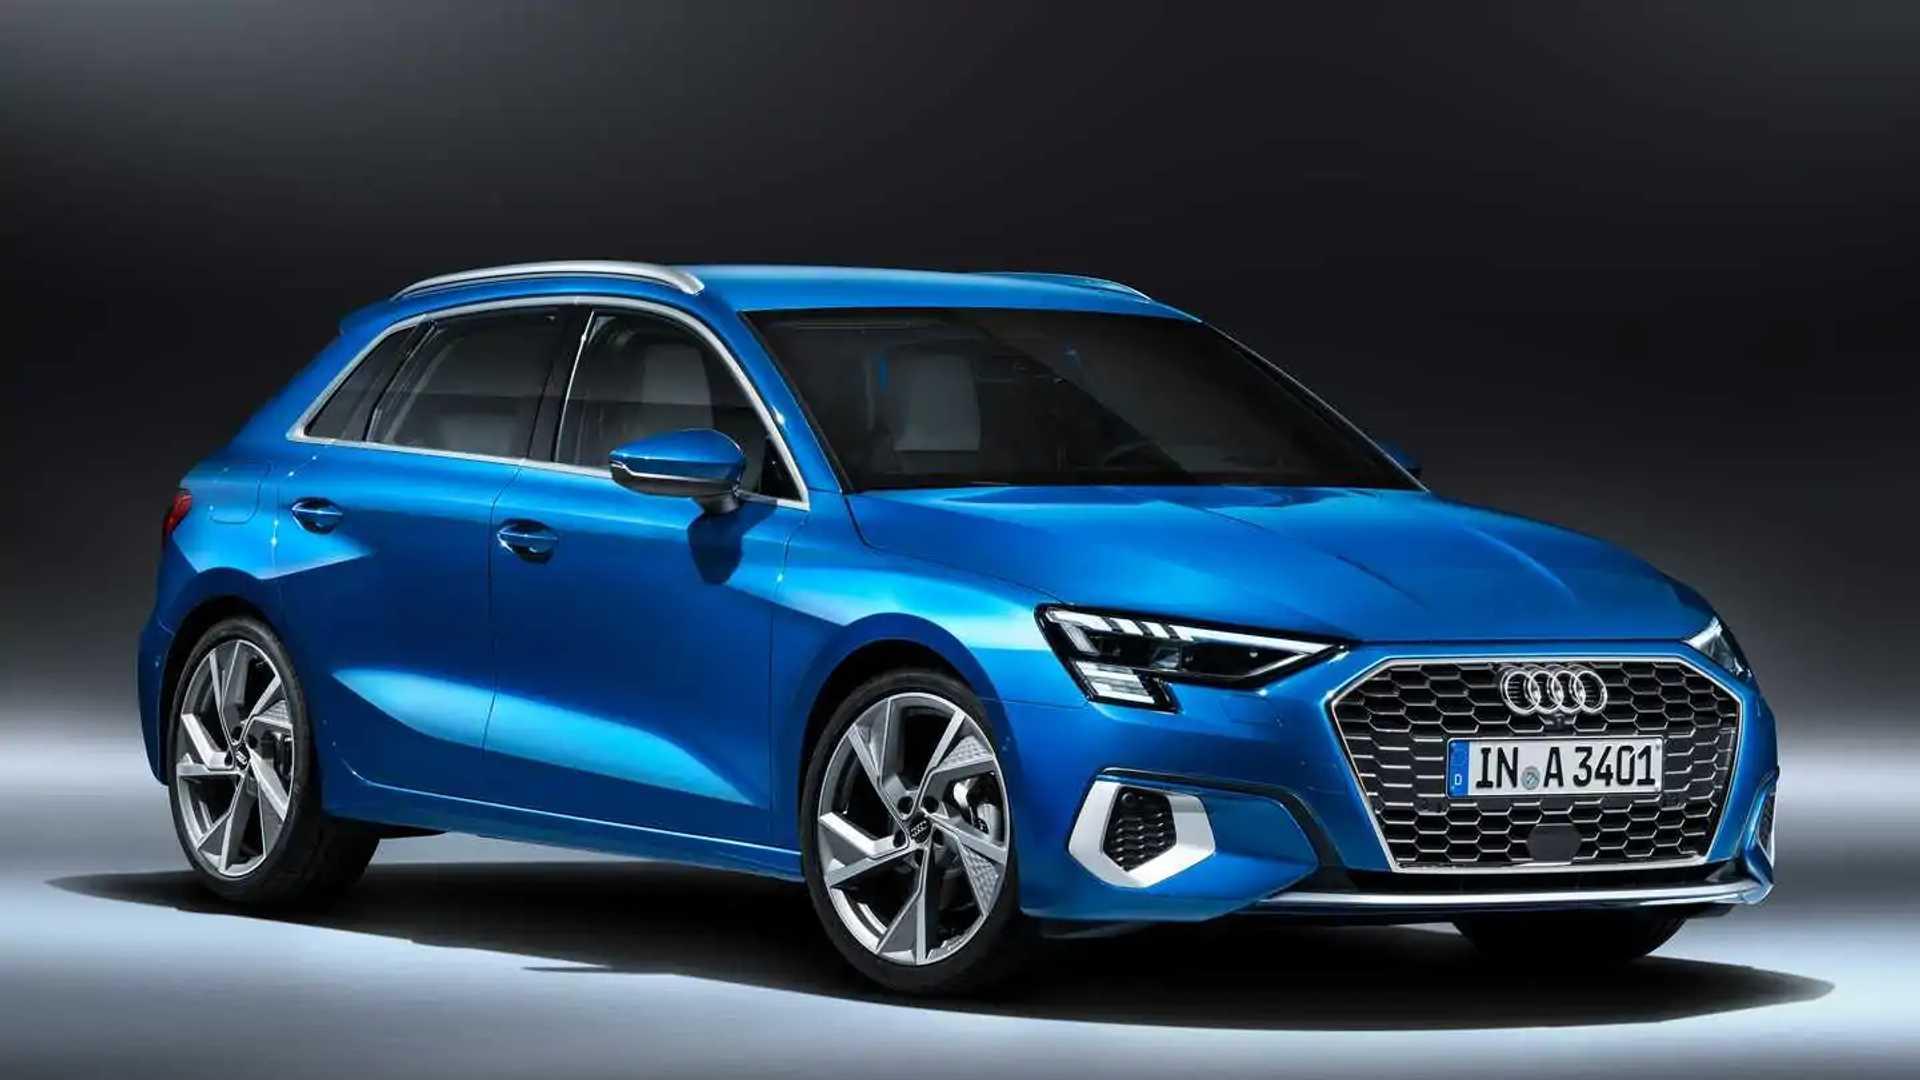 Kelebihan Kekurangan Audi A3 Sportback Tangguh